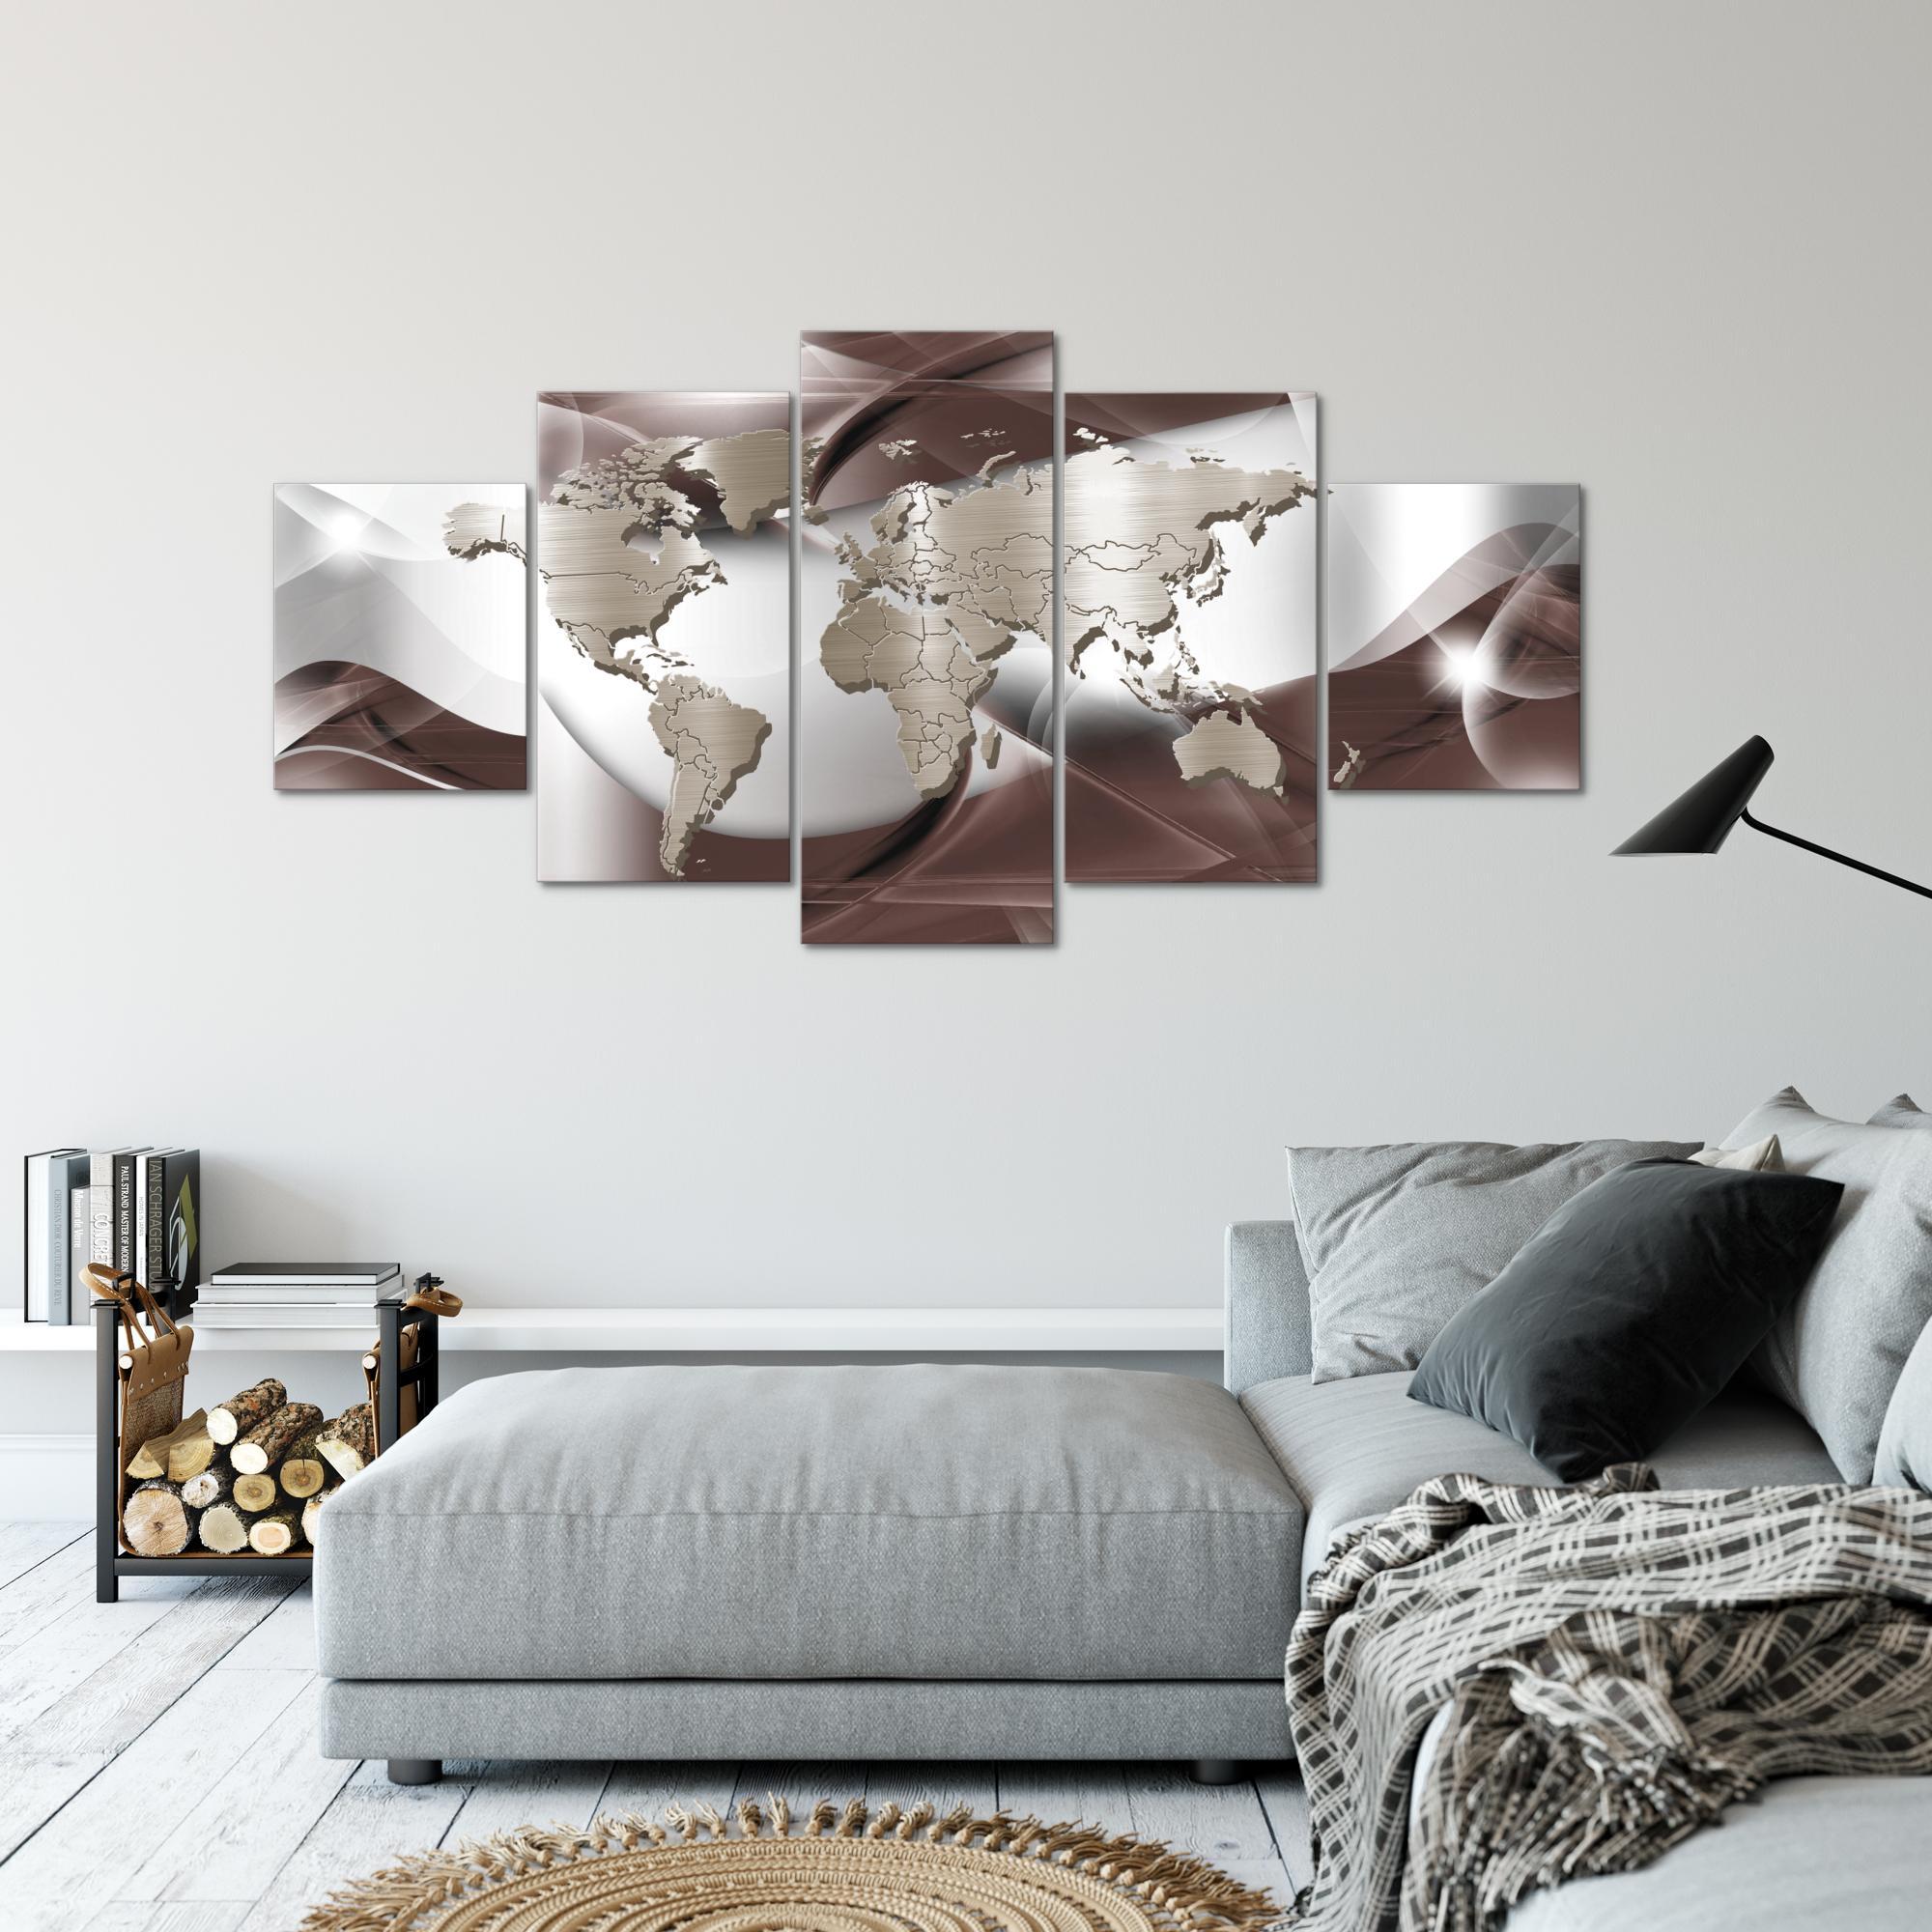 weltkarte world map bild kunstdruck auf vlies leinwand xxl dekoration 10925p. Black Bedroom Furniture Sets. Home Design Ideas